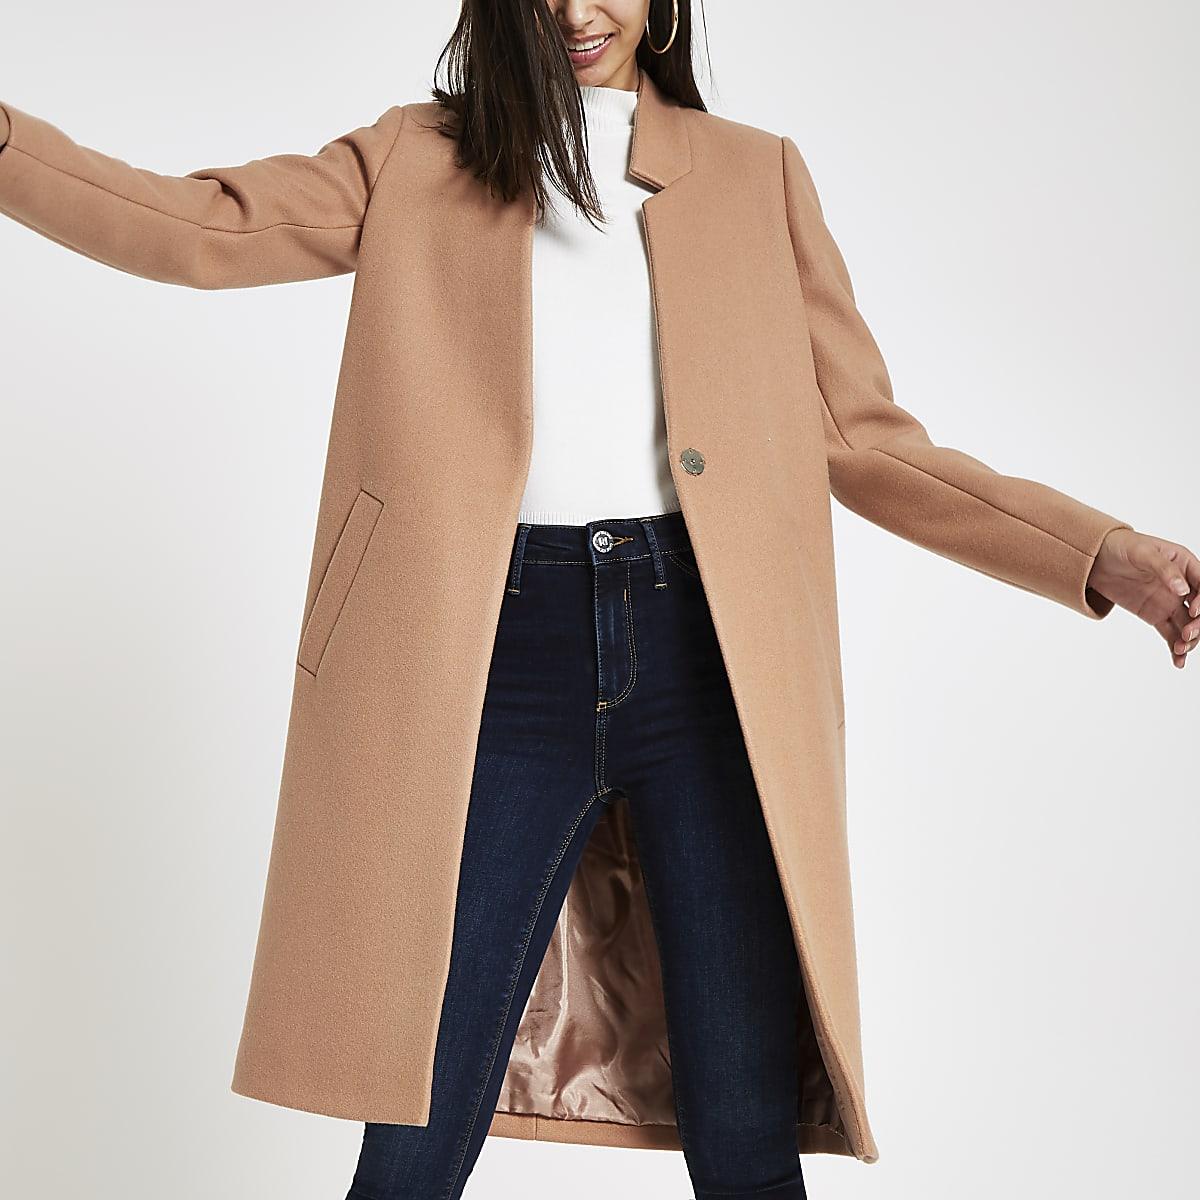 Camelkleurige lange jas zonder kraag